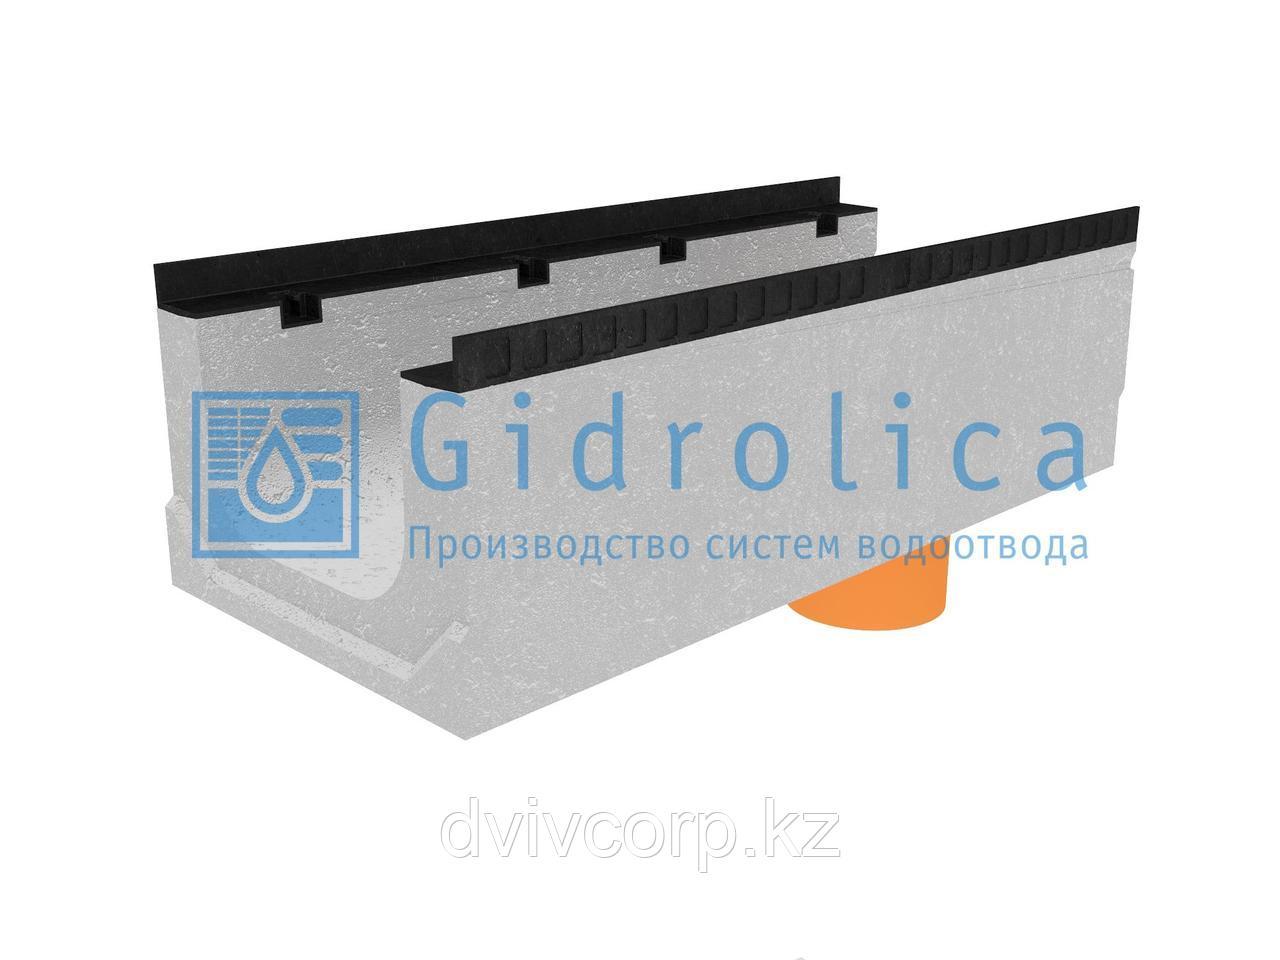 Лоток водоотводный бетонный коробчатый (СО-300мм), с водосливом КПв 100.44(30).31(24) - BGМ-F